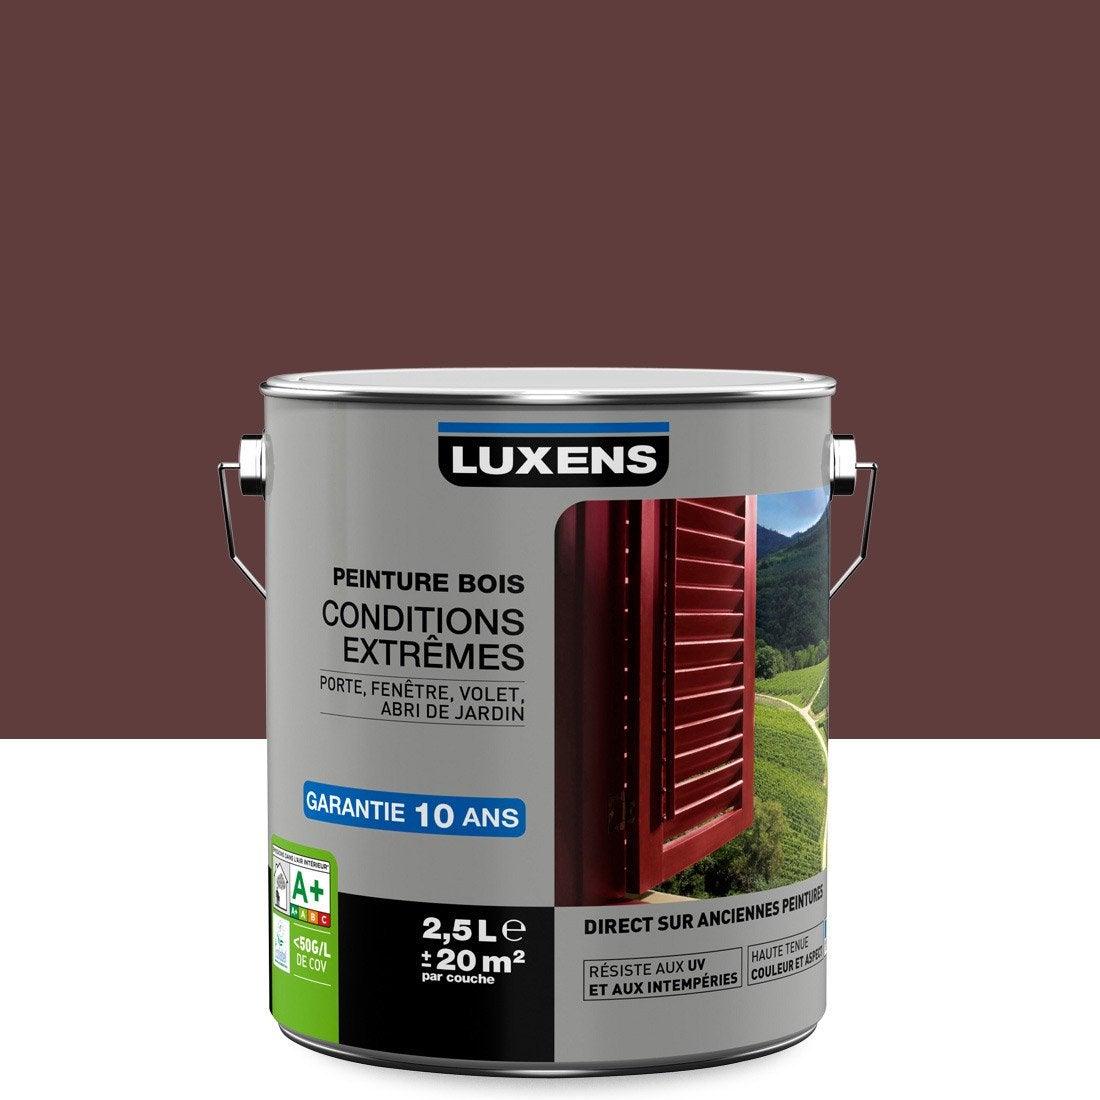 peinture bois ext rieur conditions extr mes luxens rouge basque 2 5 l leroy merlin. Black Bedroom Furniture Sets. Home Design Ideas